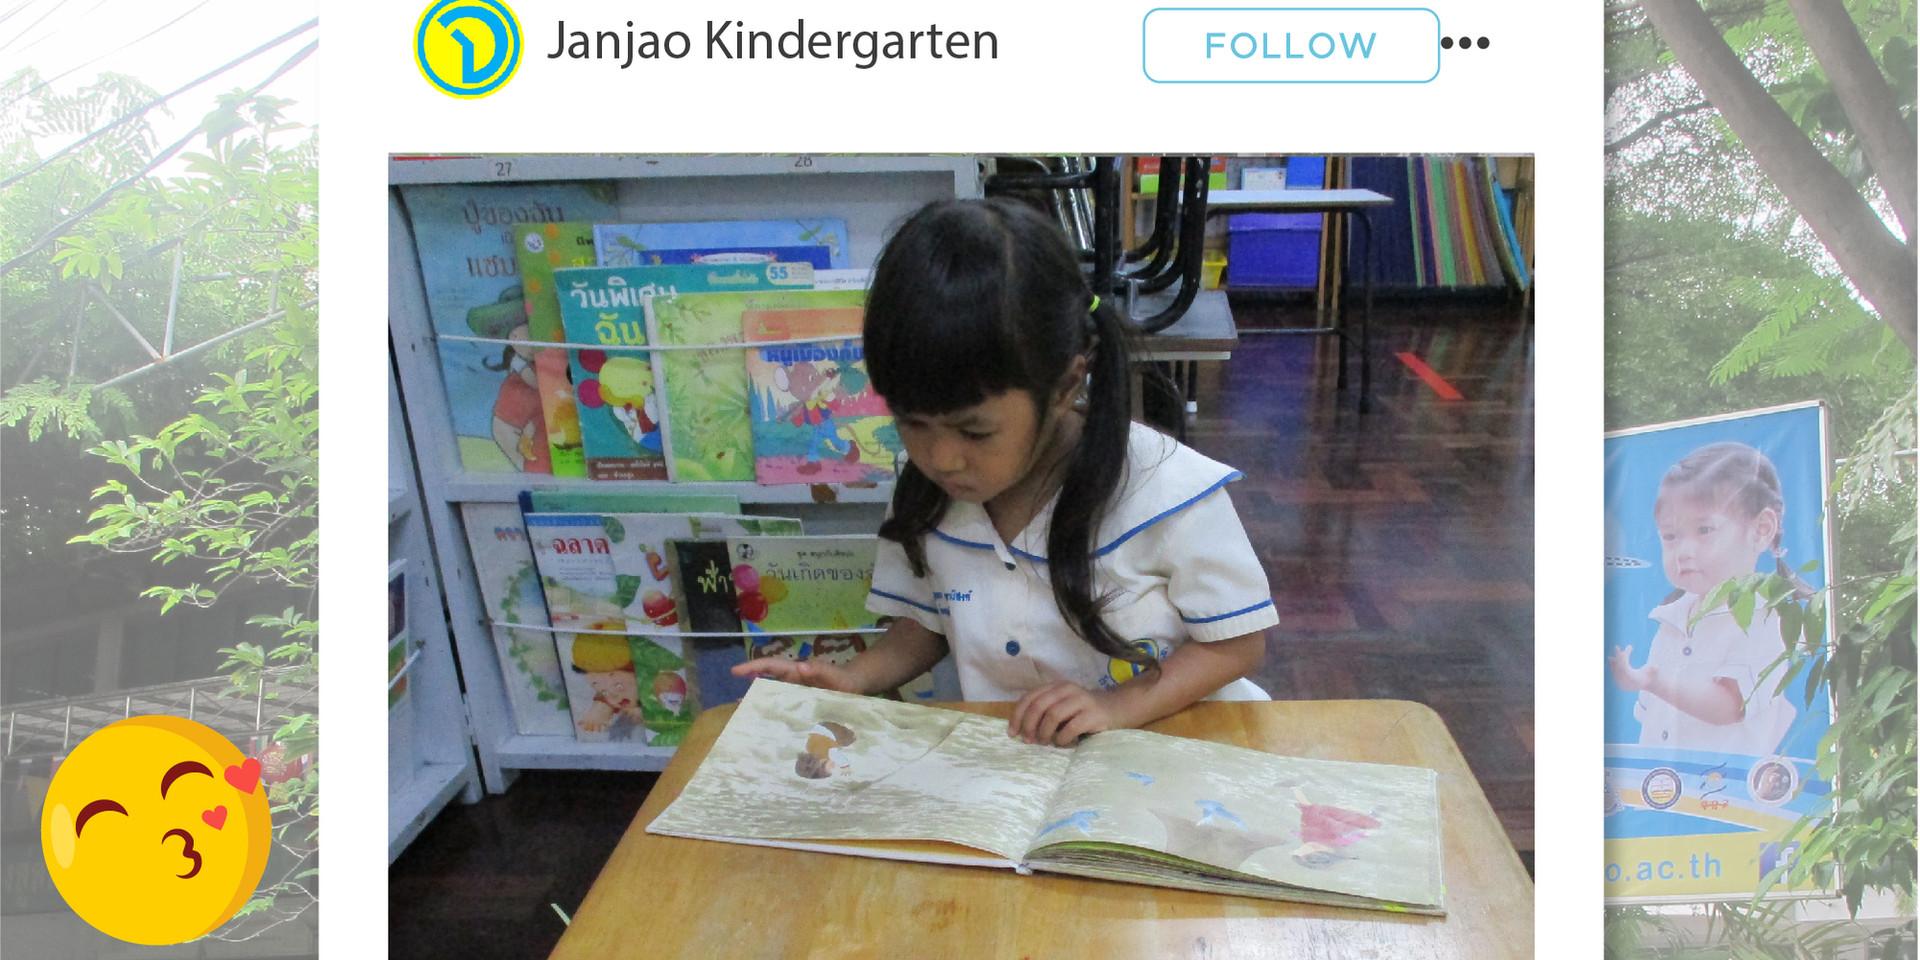 13 เด็กๆเข้ามุมรักการอ่าน.jpg